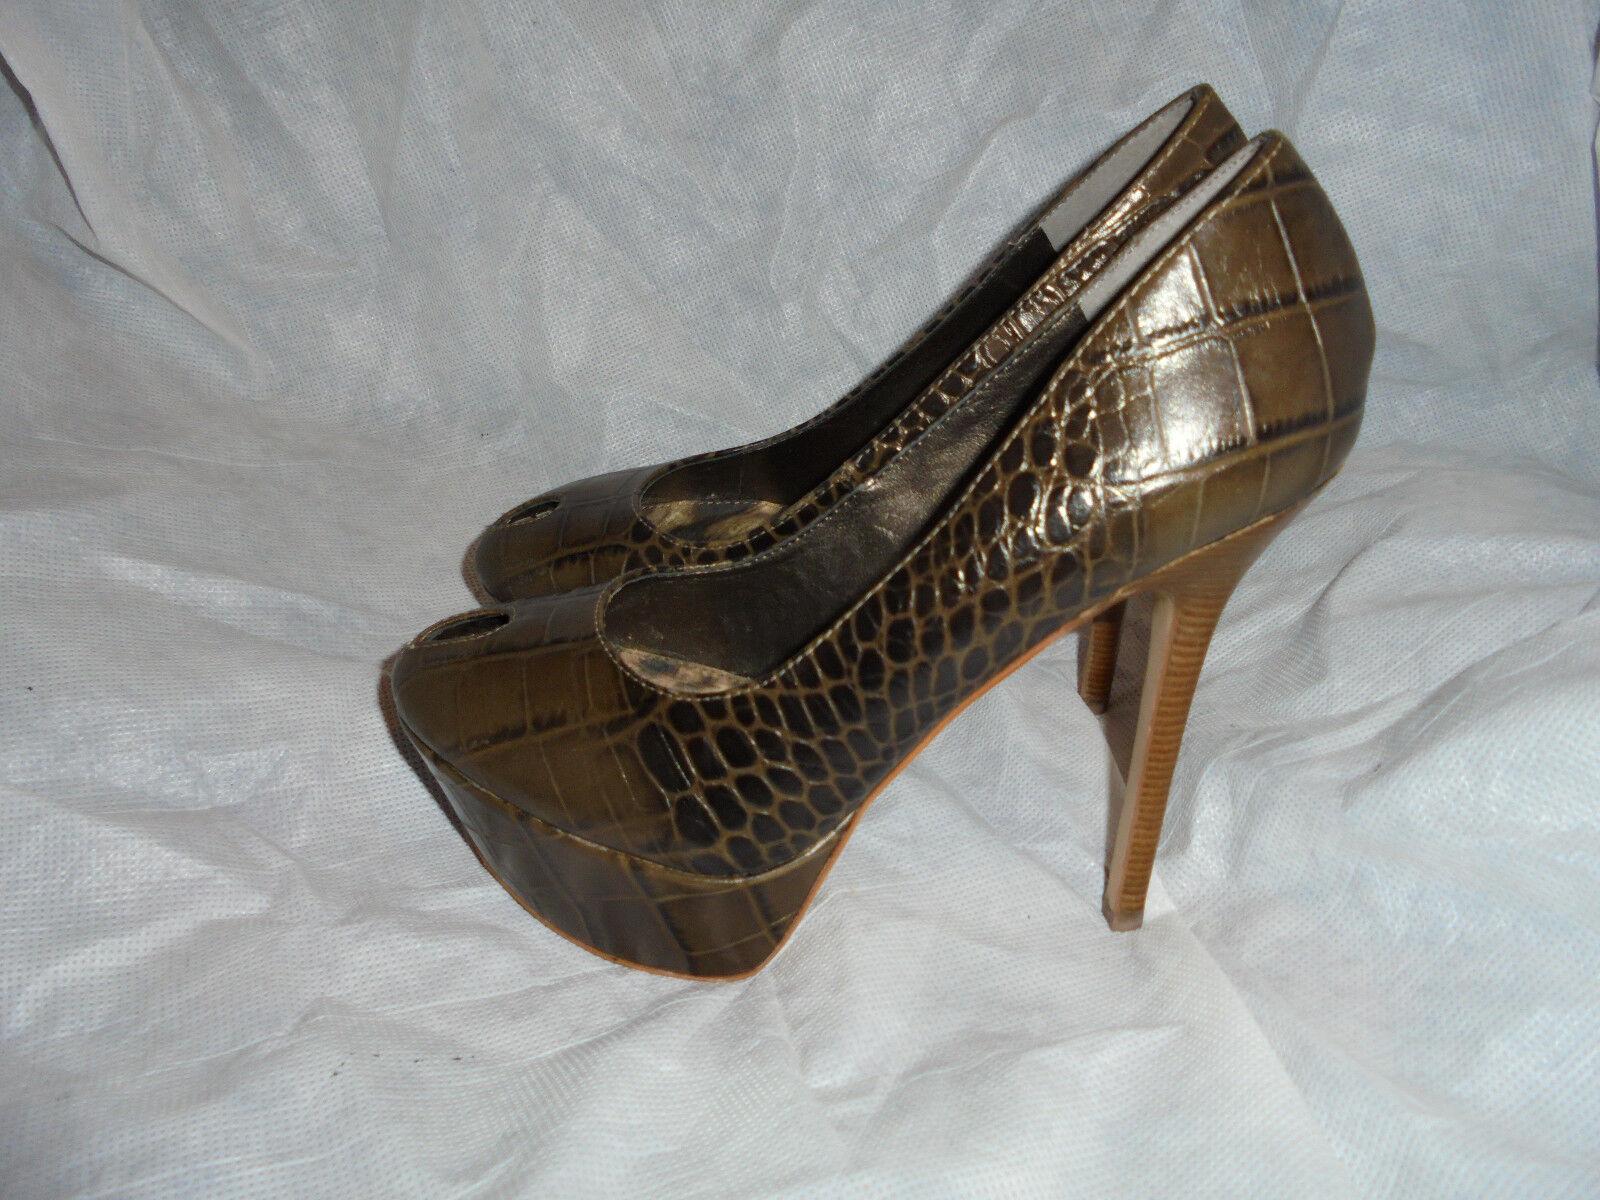 Sam elderman Femme Marron Croc Cuir Slip On Chaussures à Talon Taille uk 3 eu 36 US 6 m